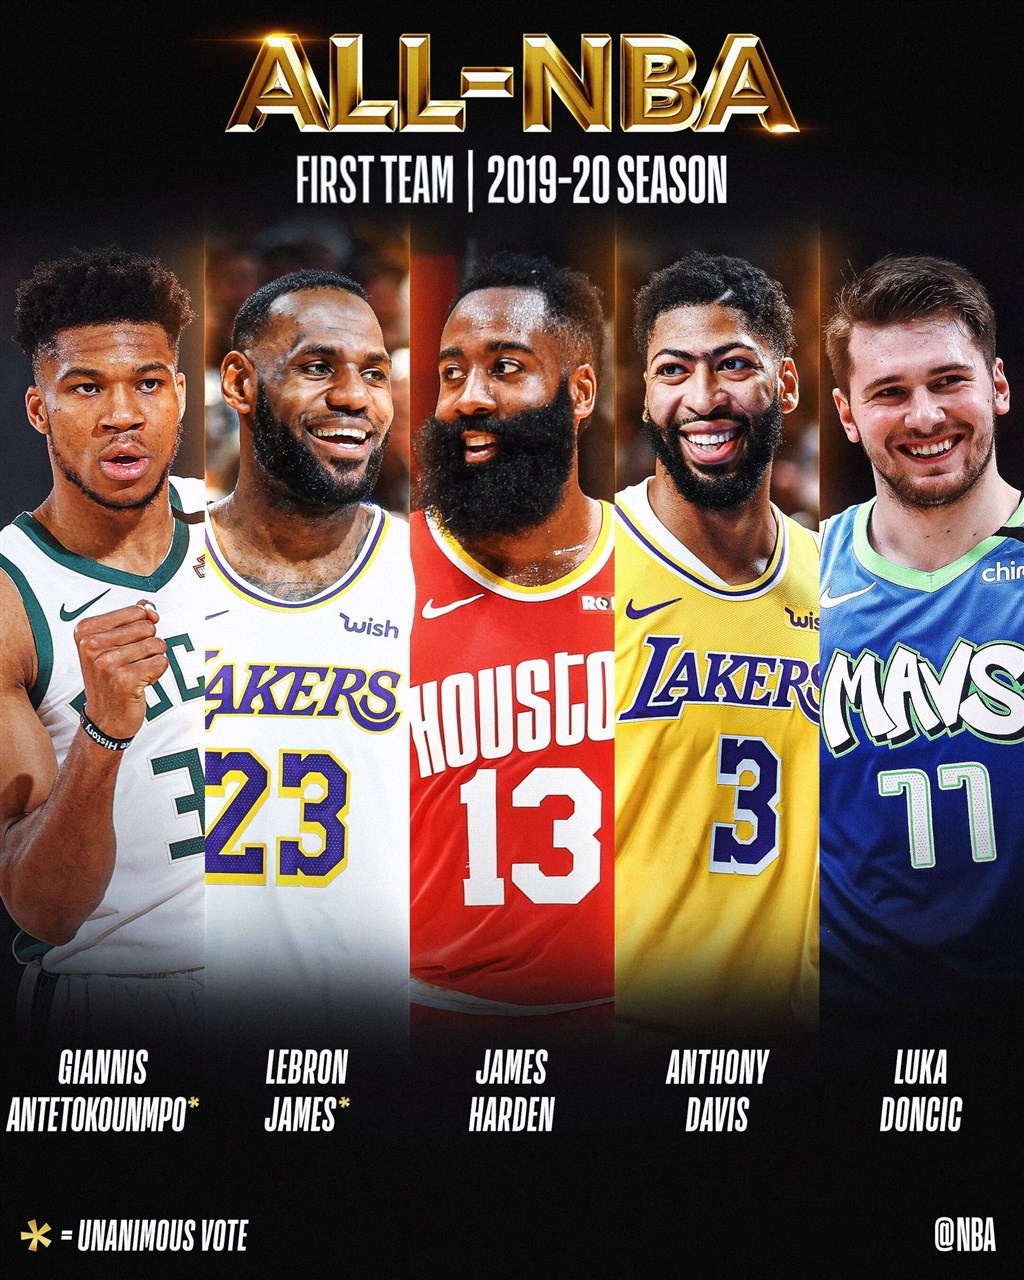 美國職籃NBA 16日公布,4度榮獲NBA最有價值球員的「詹皇」詹姆斯(左2)和密爾瓦基公鹿王牌球星「字母哥」安特托昆博(左1),獲得全票入選NBA最佳陣容第一隊。休士頓火箭主戰球星哈登(中)、湖人前鋒戴維斯(右2)與達拉斯獨行俠後衛唐西奇(右1)也入選。(圖取自facebook.com/nba)